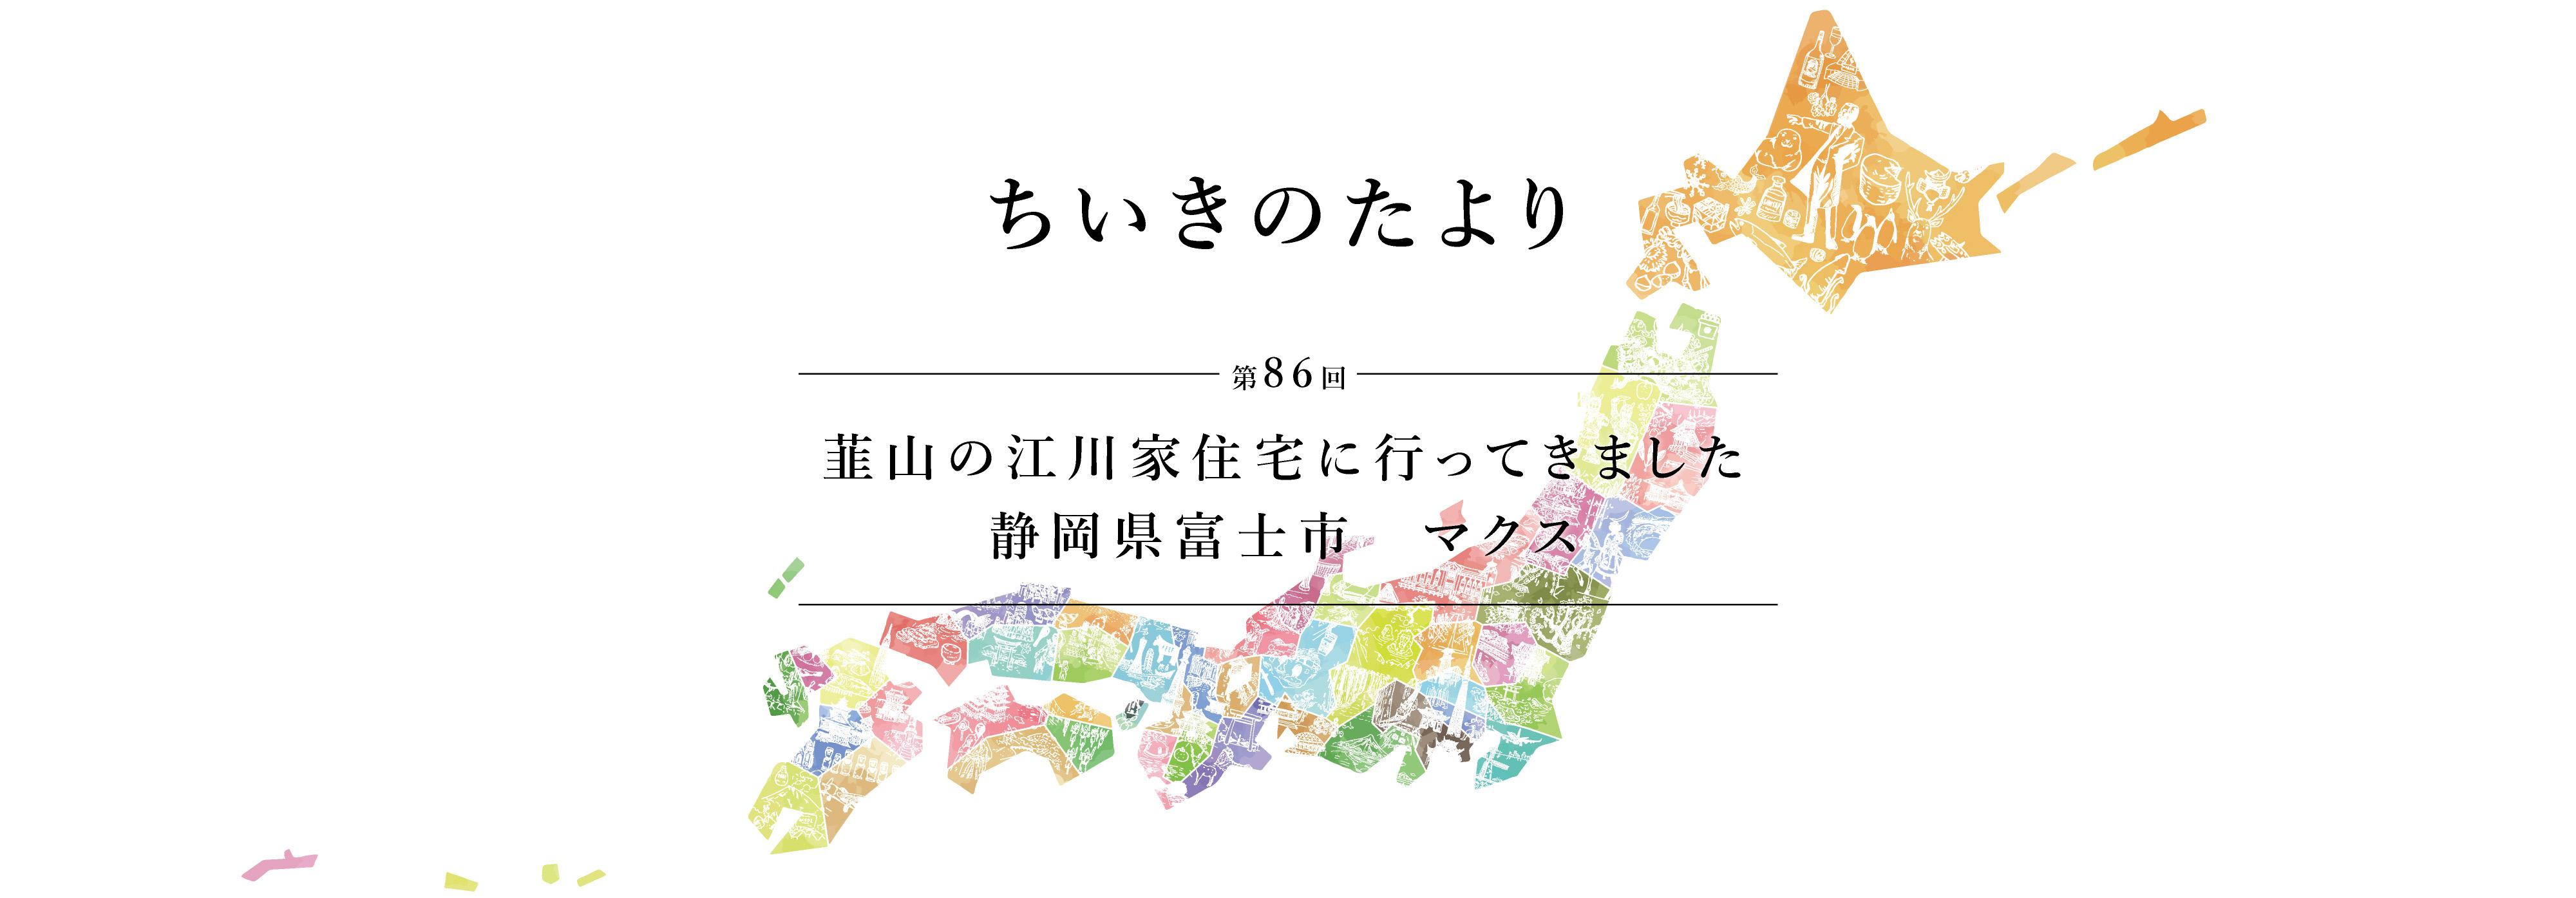 韮山の江川家住宅に行ってきましたちいきのたより第86回静岡県富士市 マクス